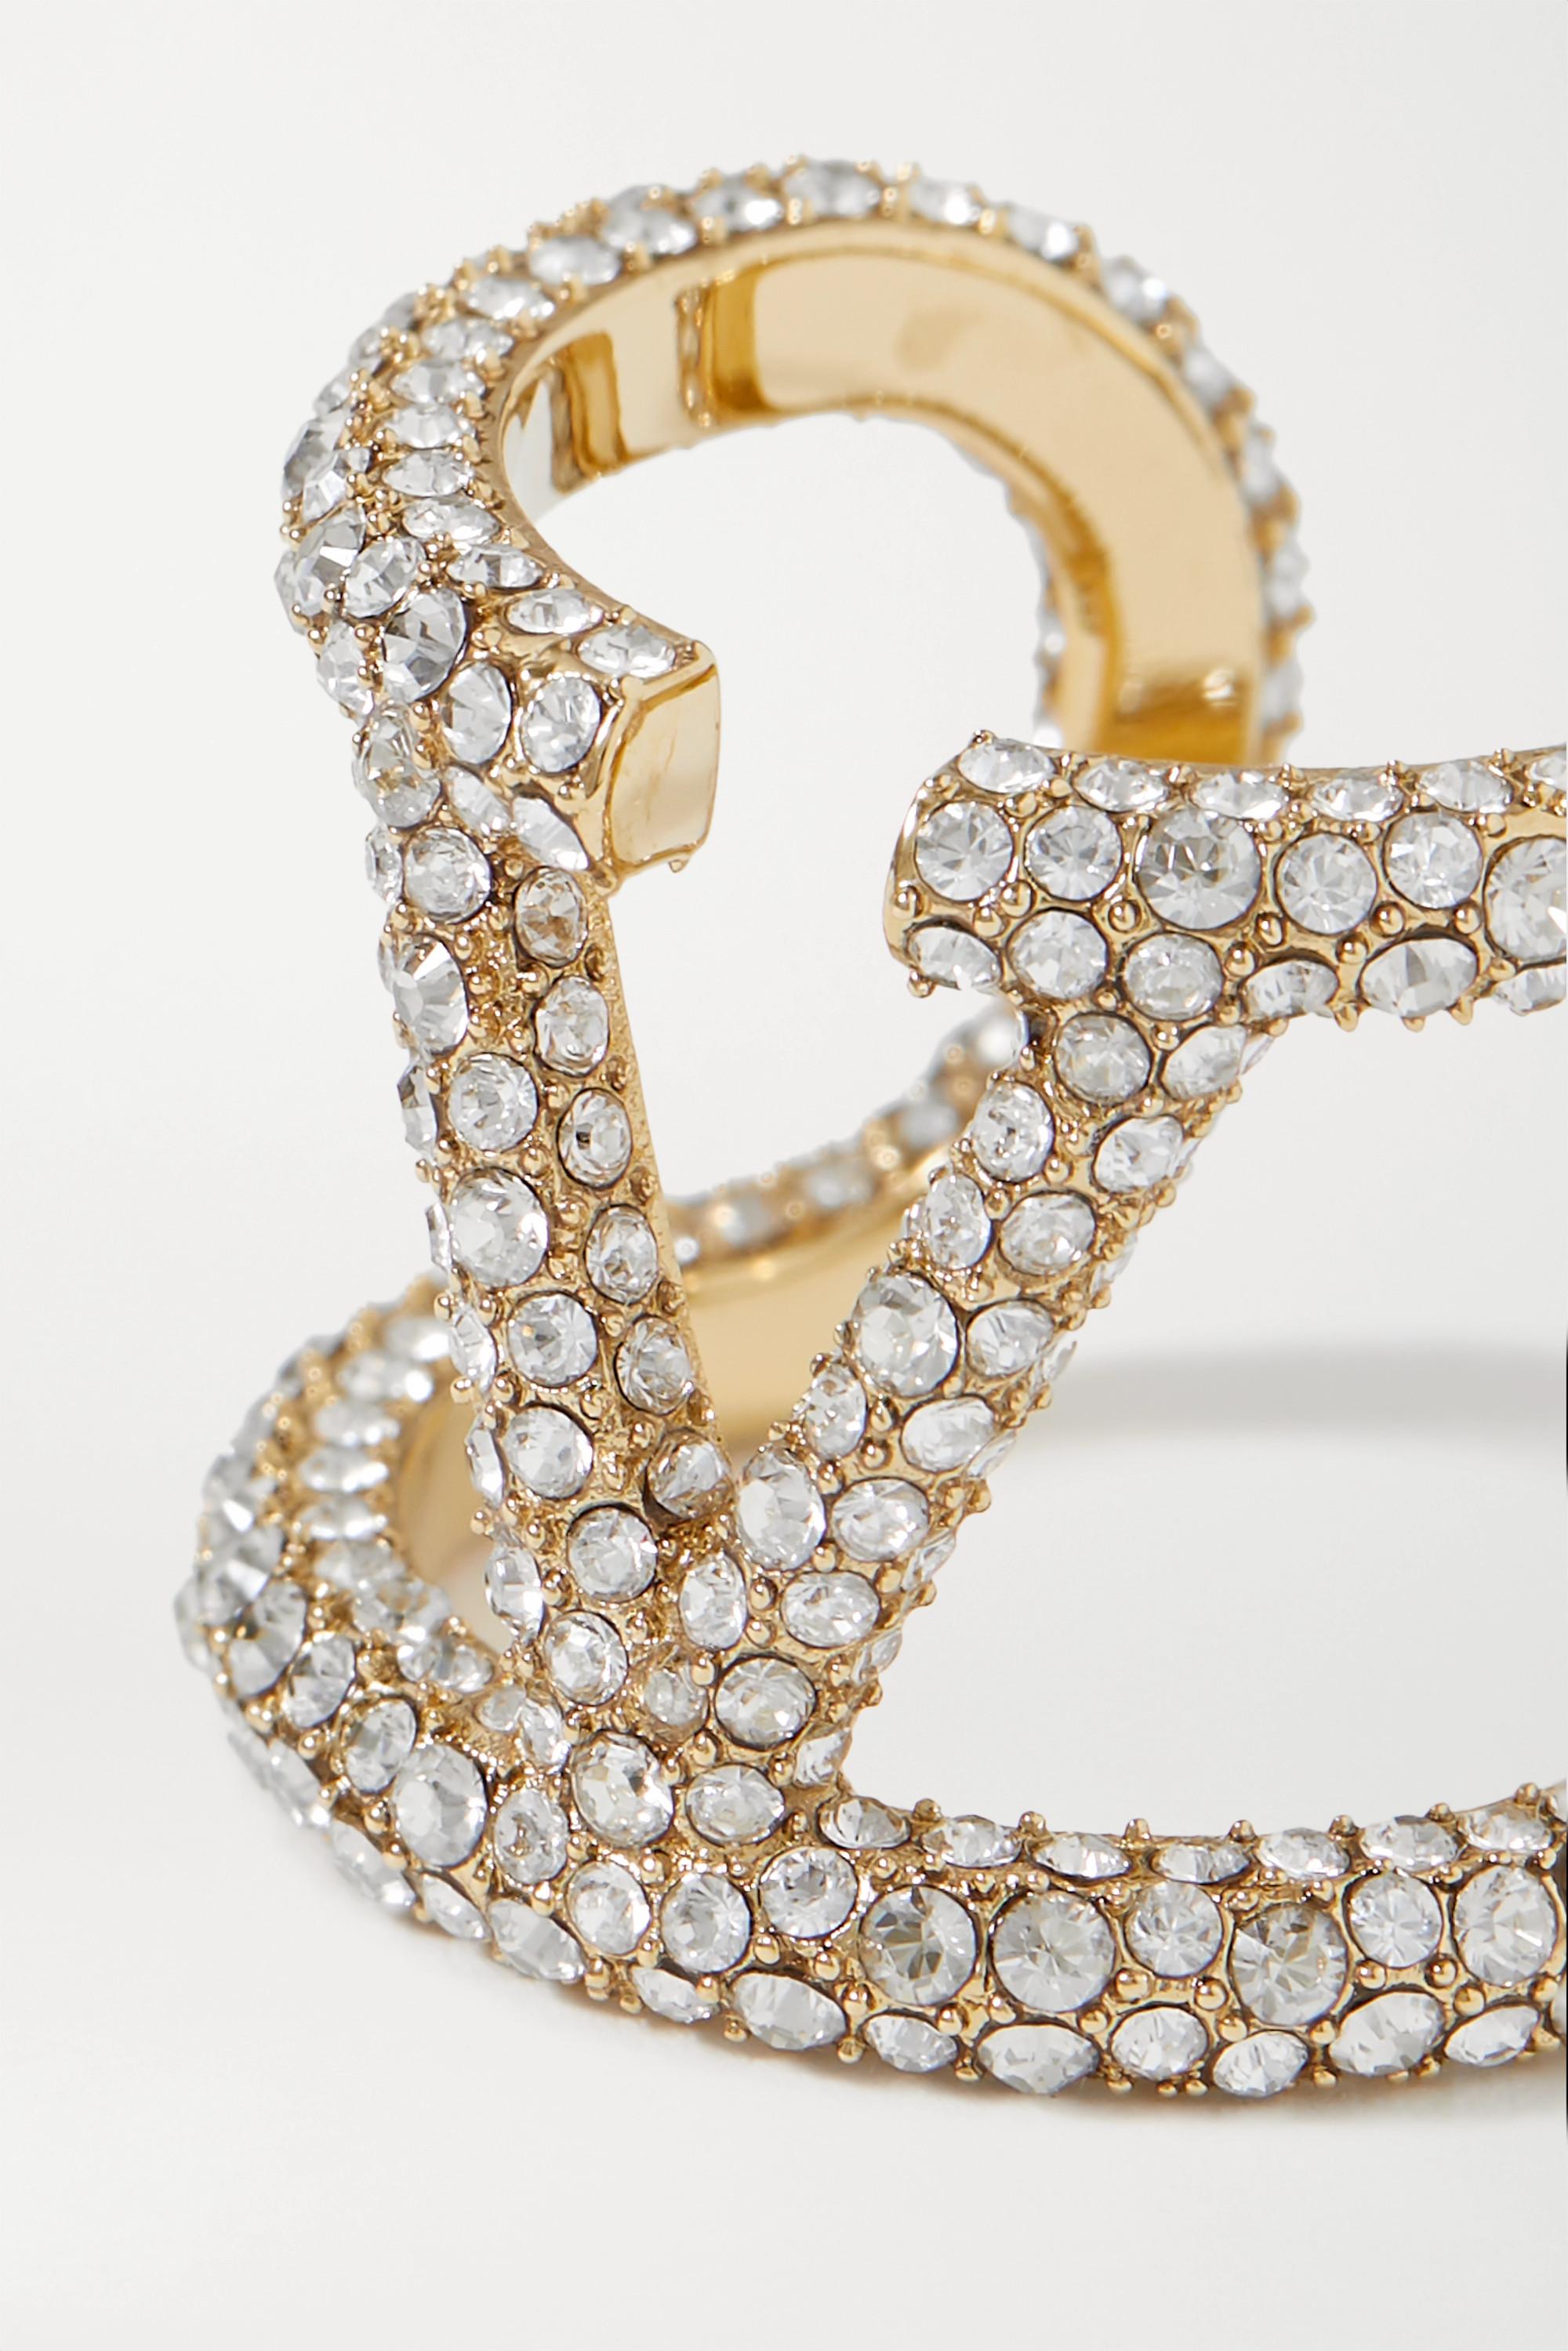 Valentino Valentino Garavani goldfarbener Ring mit Kristallen